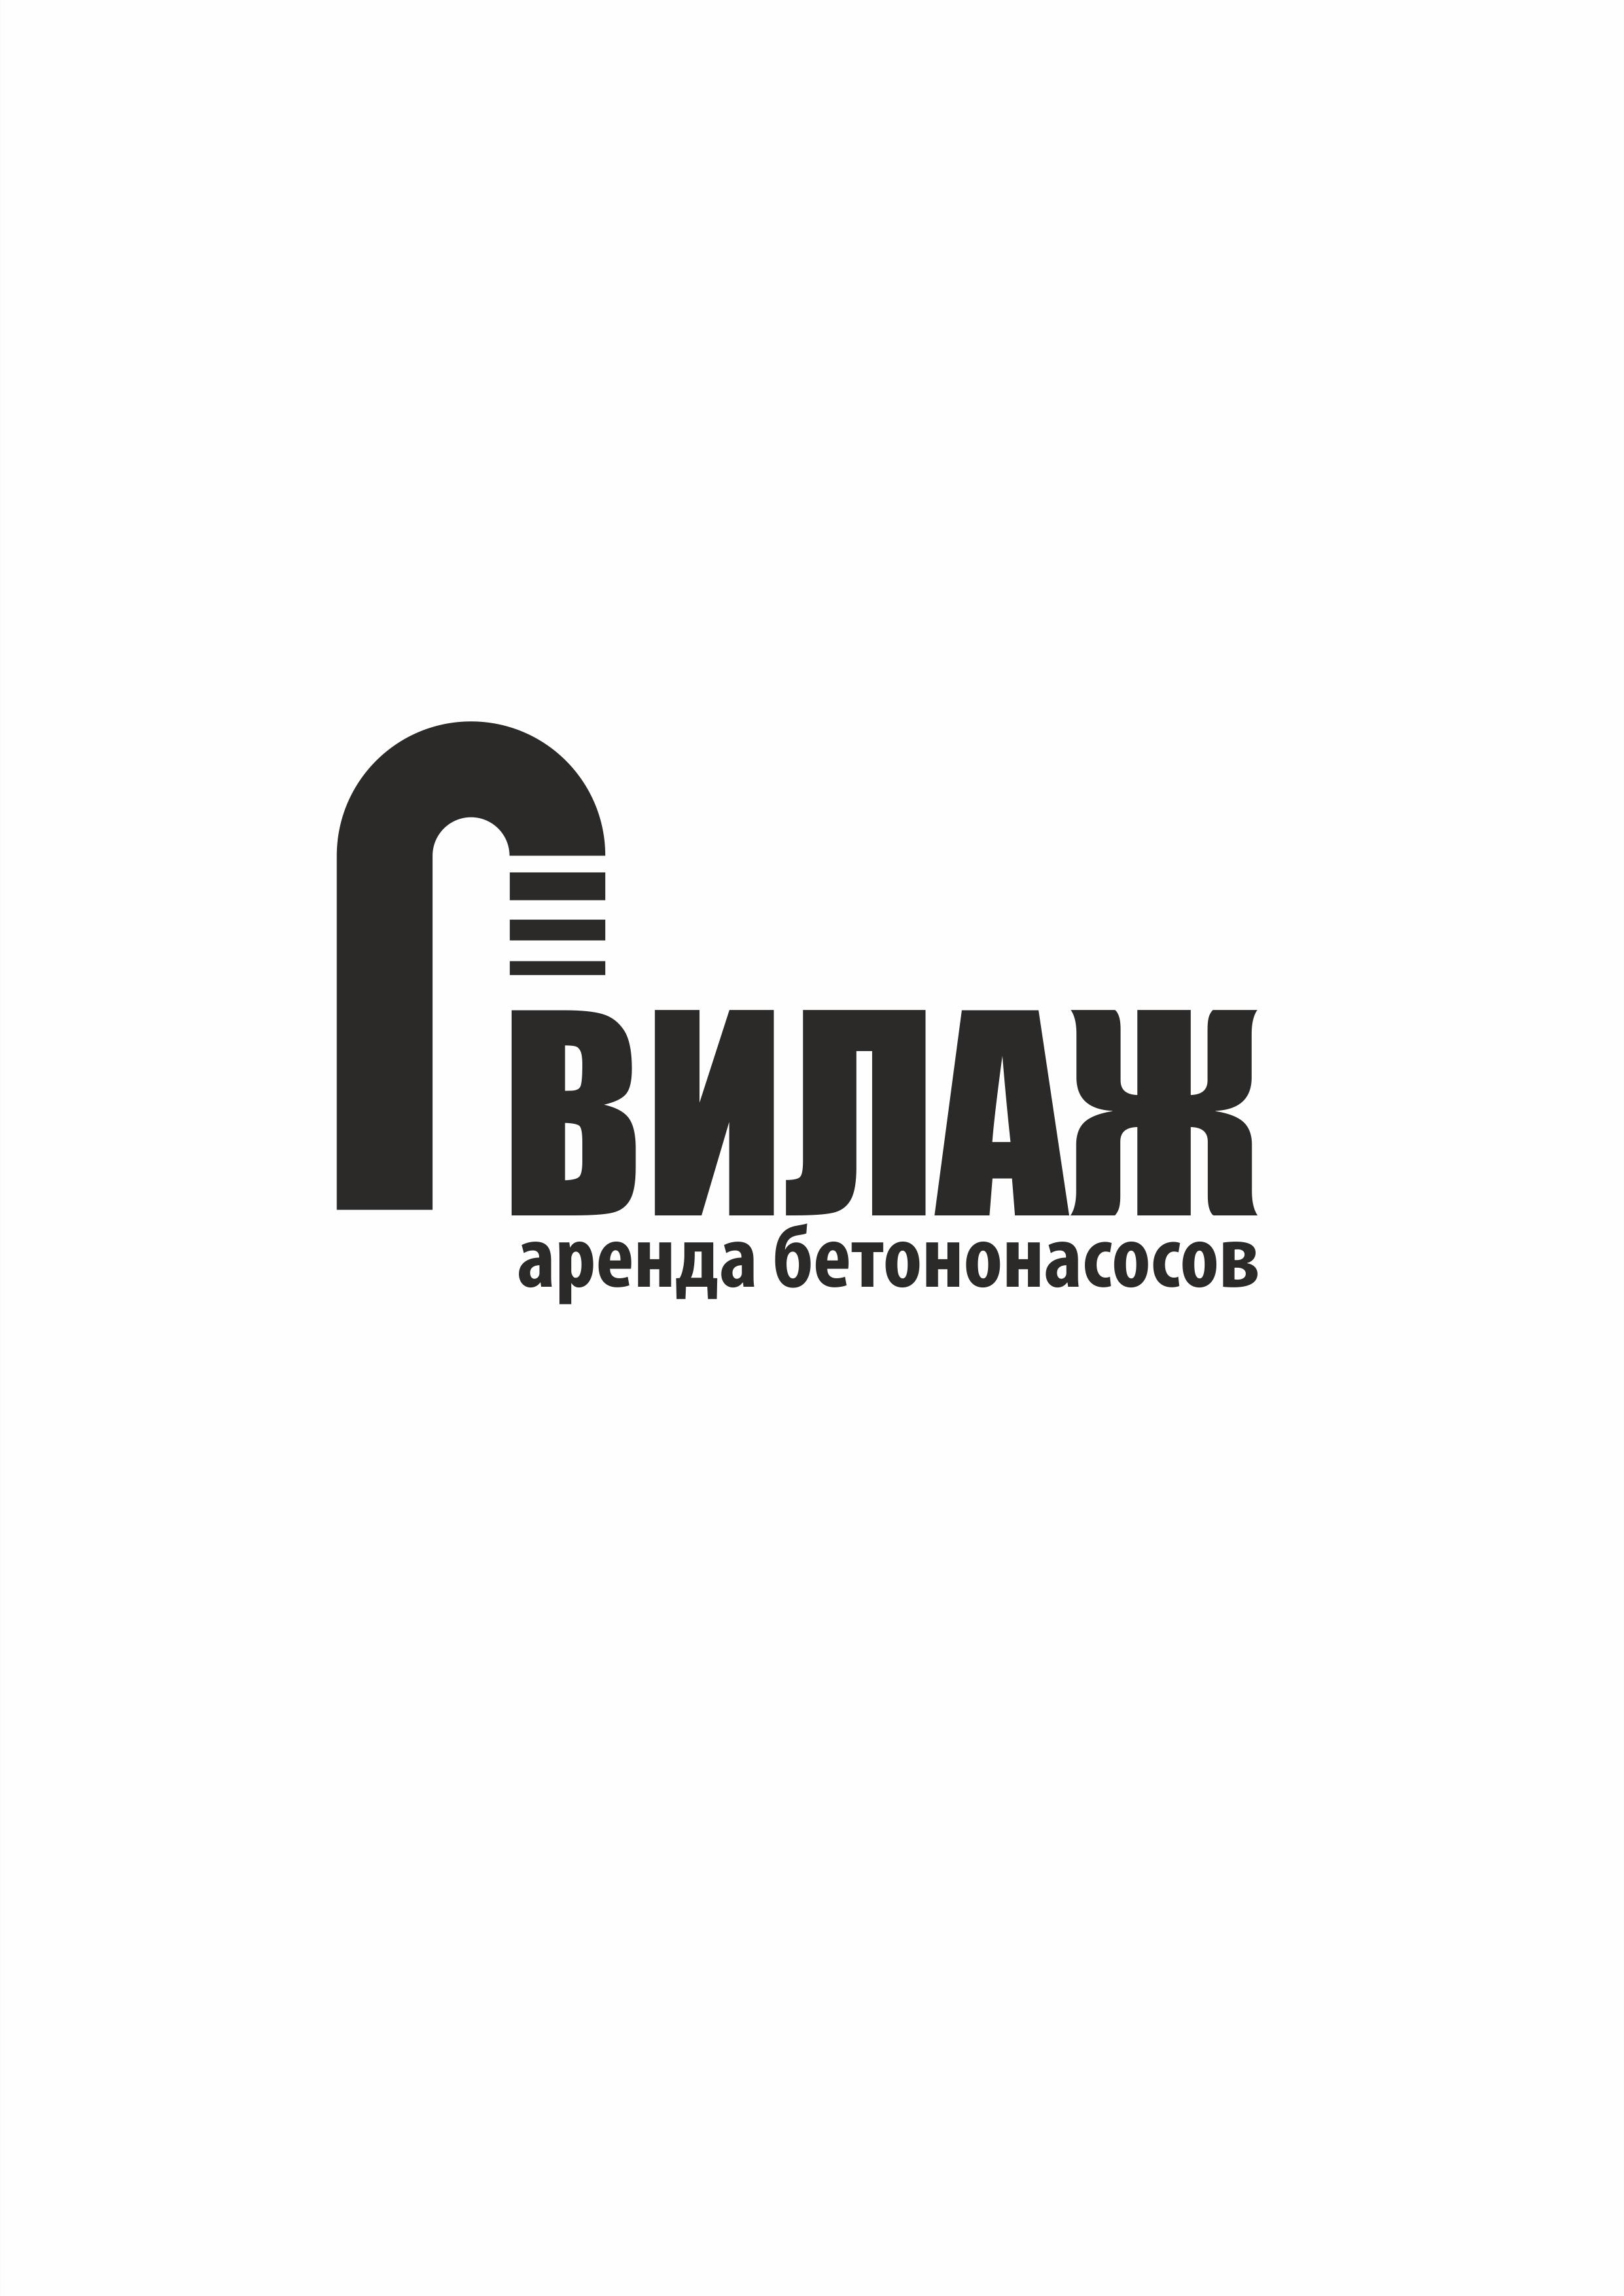 Логотип для компании по аренде спец.техники фото f_8015991f87b62e64.png